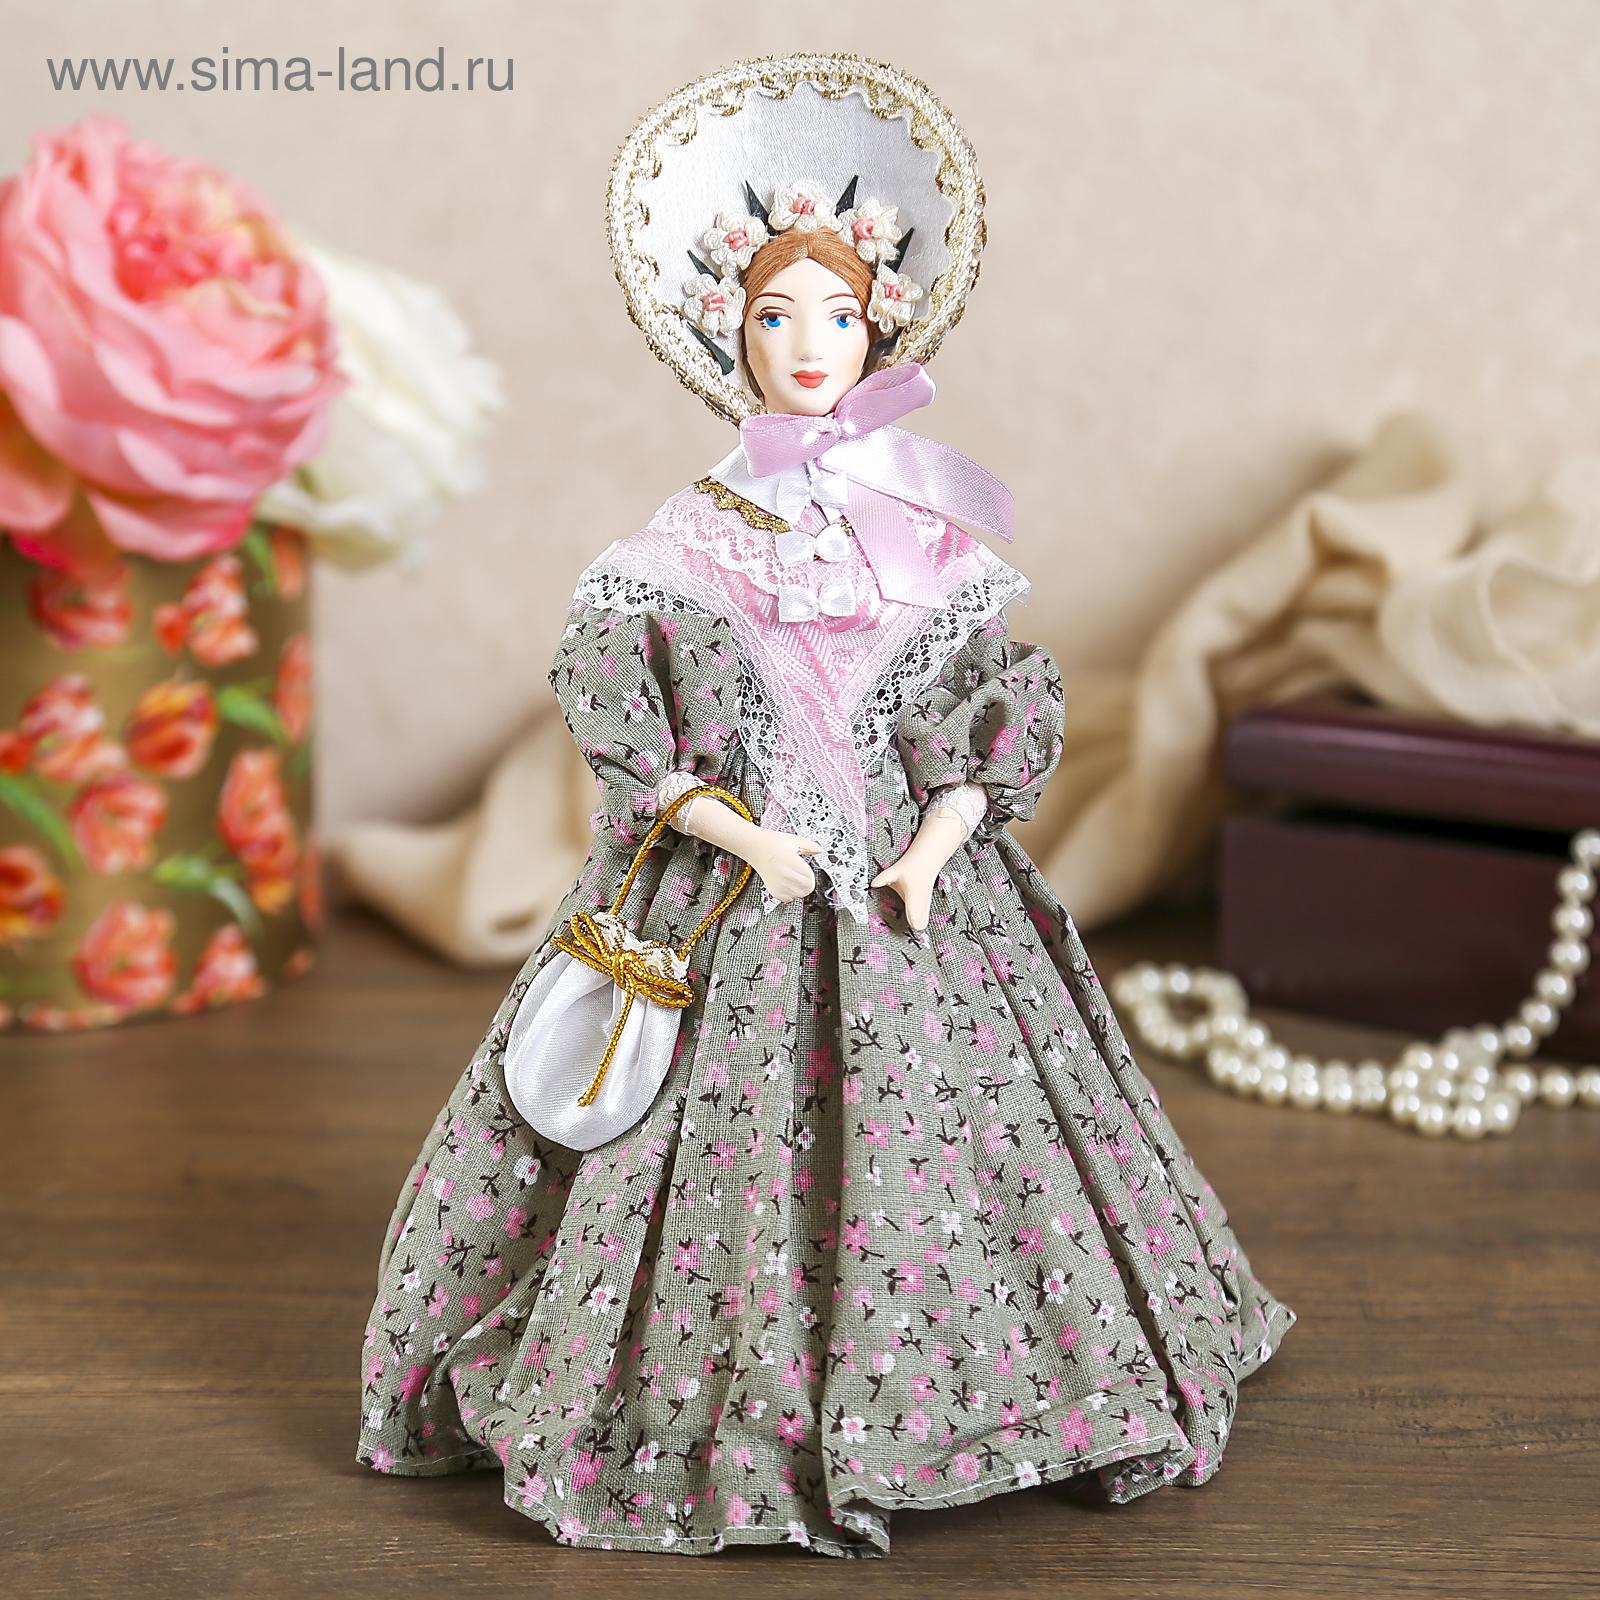 7f737181dfceb Сувенирная кукла